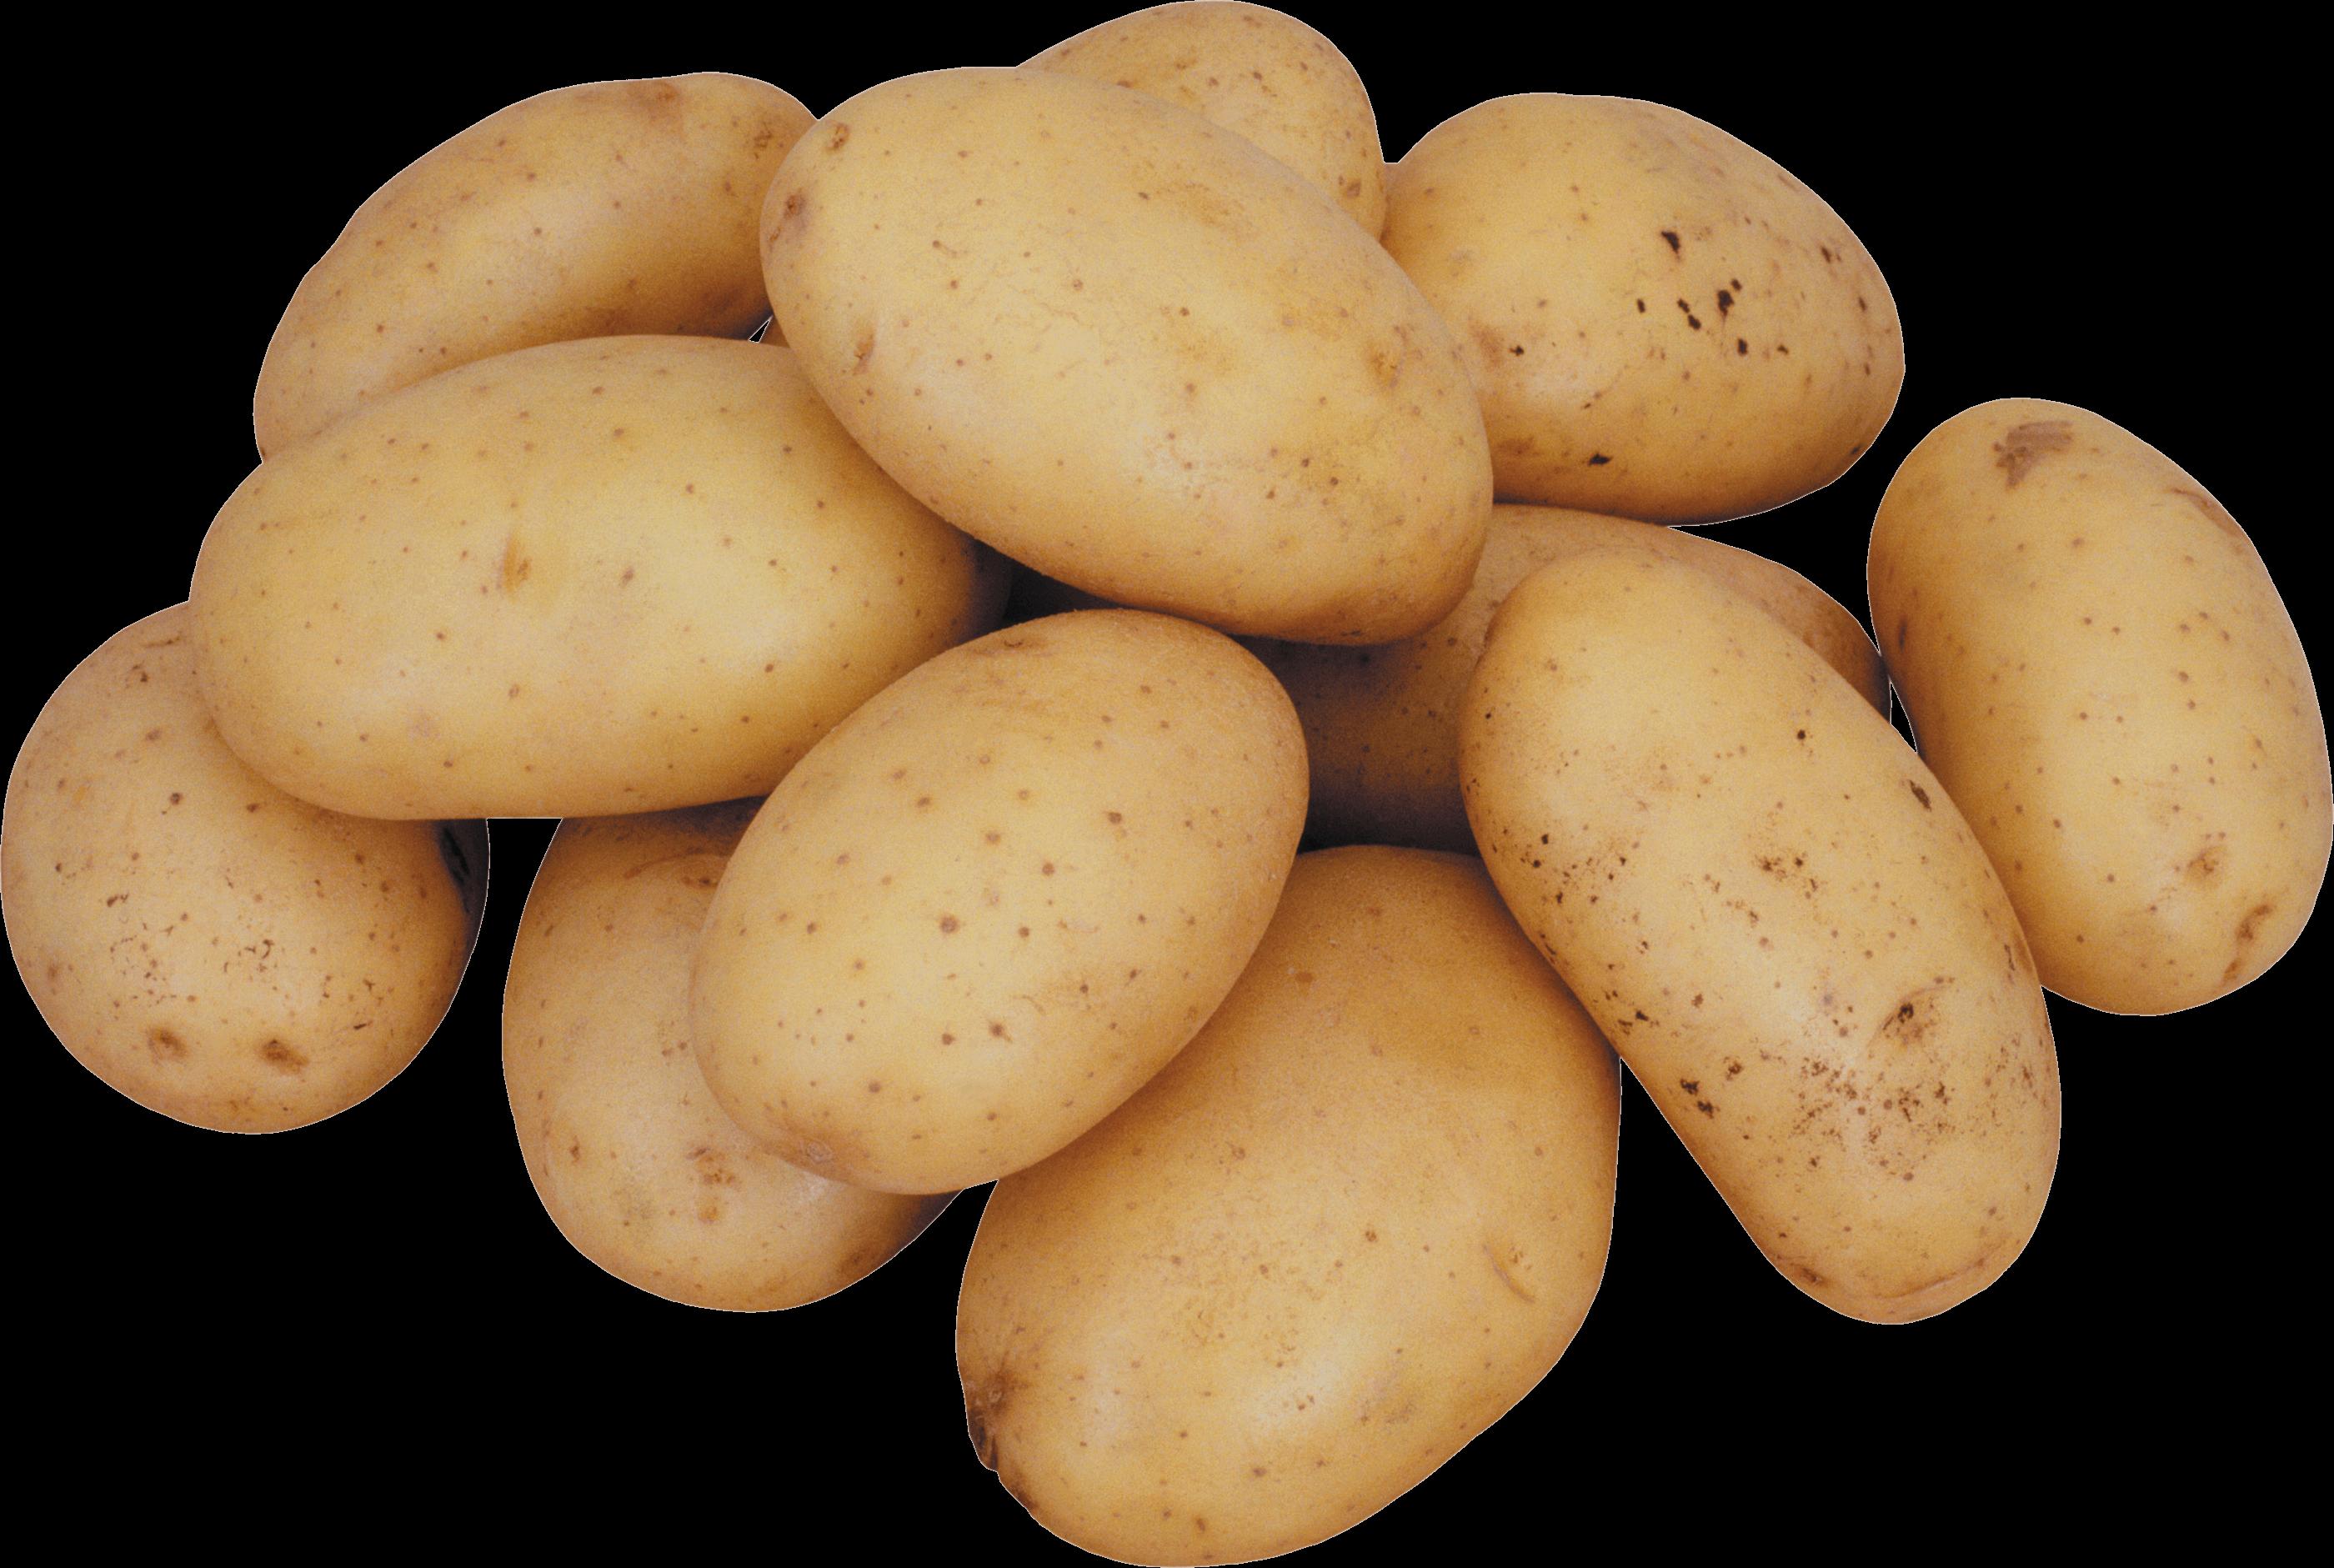 Hd png transparent images. Vegetables clipart potato